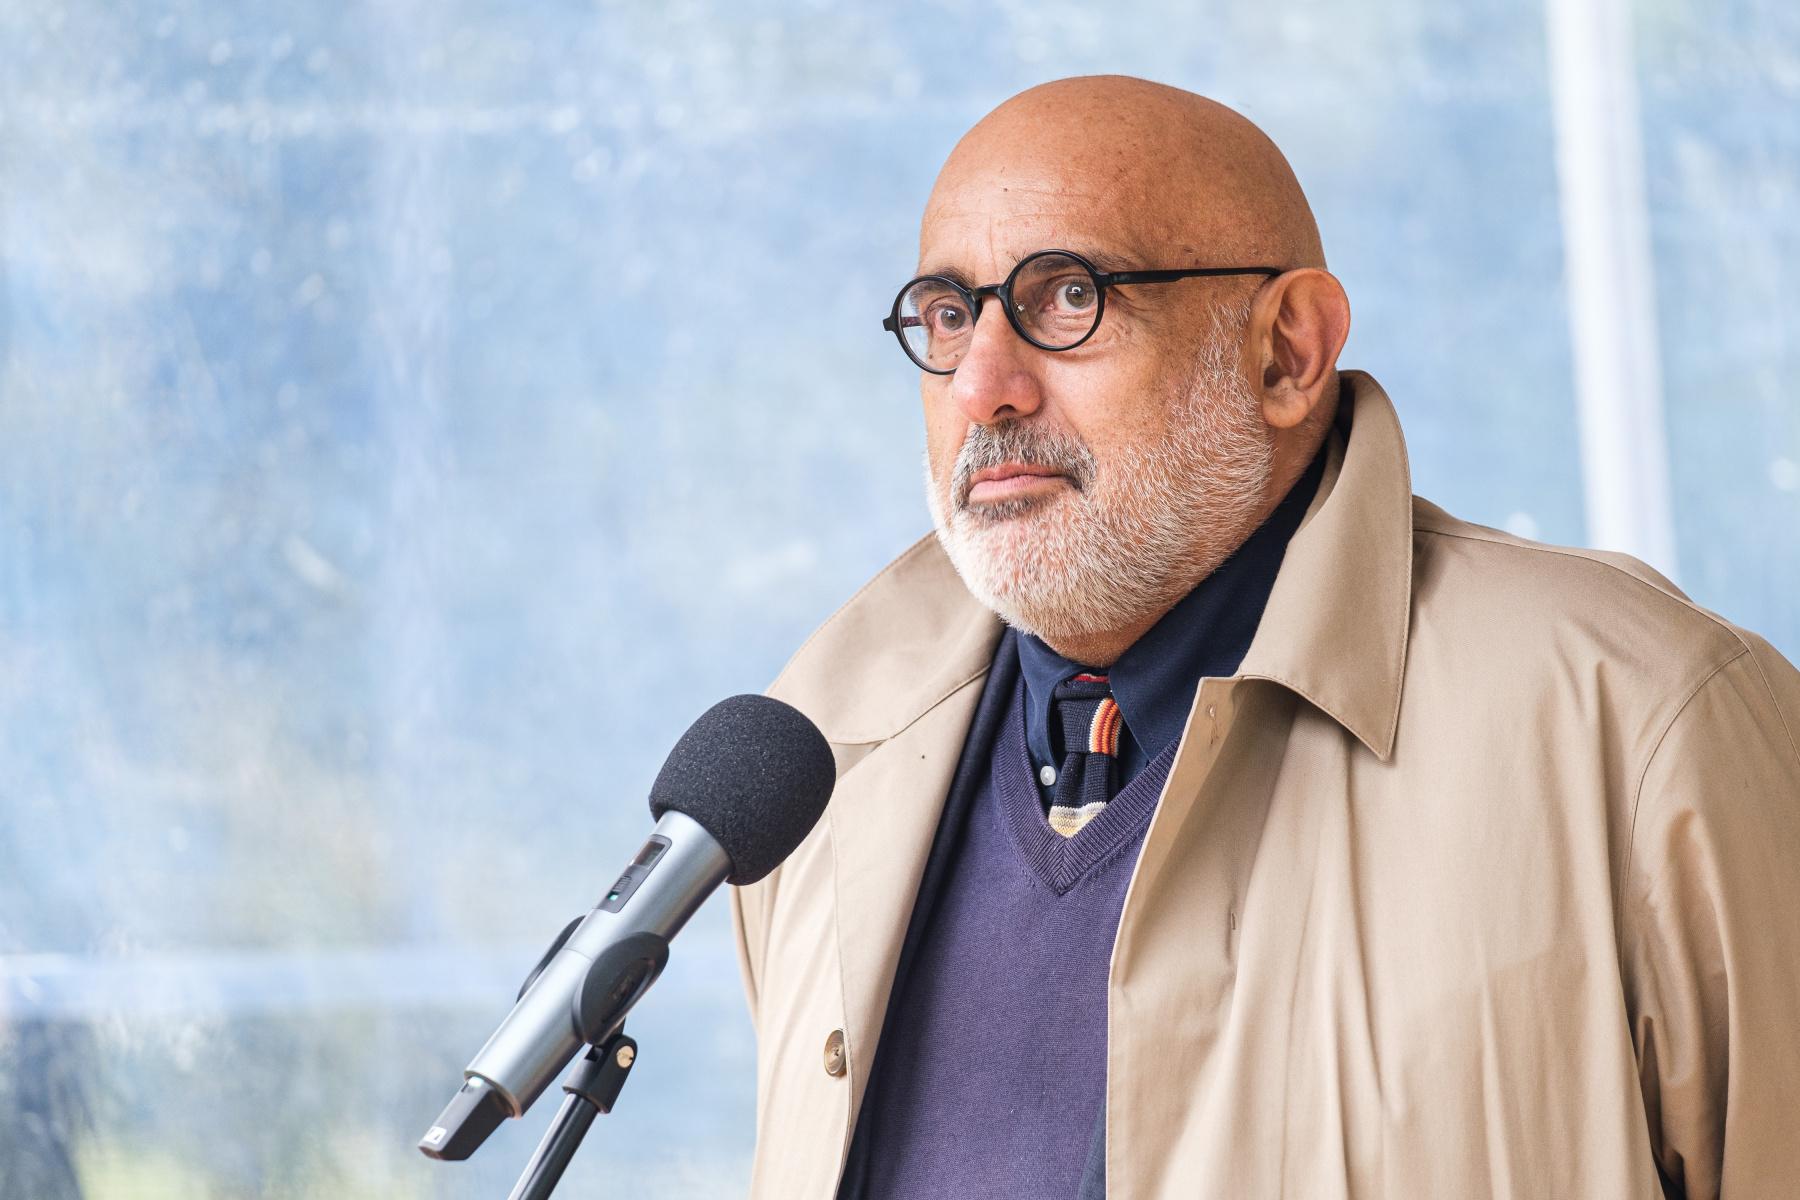 Francesco M. Cataluccio, essayist and writer